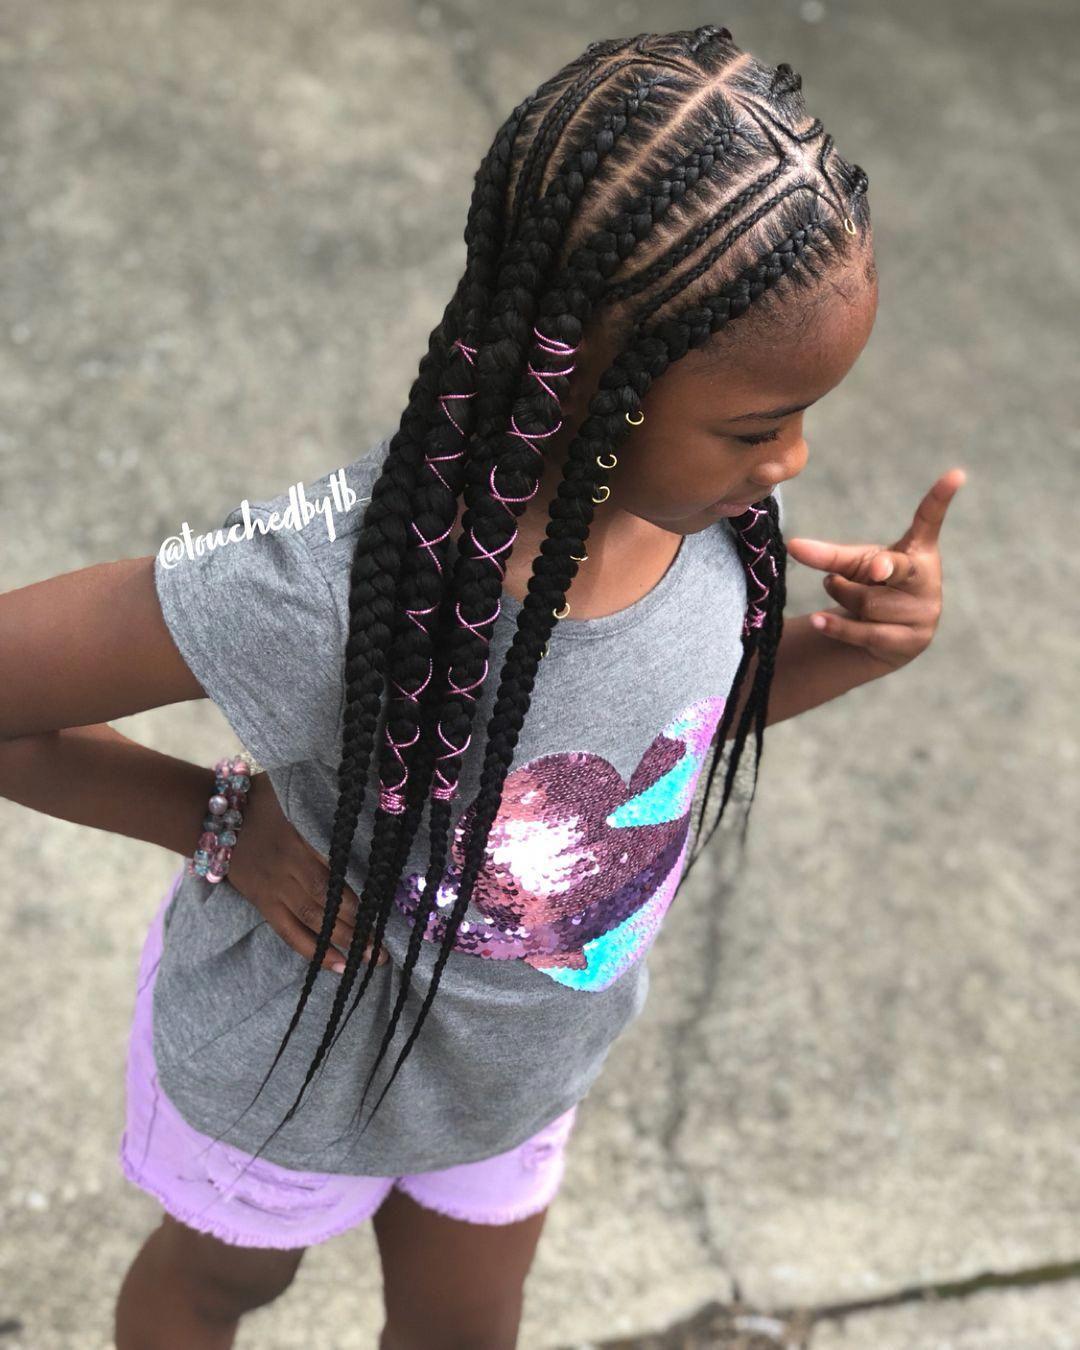 Naturalhairstylesforteens Lil Girl Hairstyles